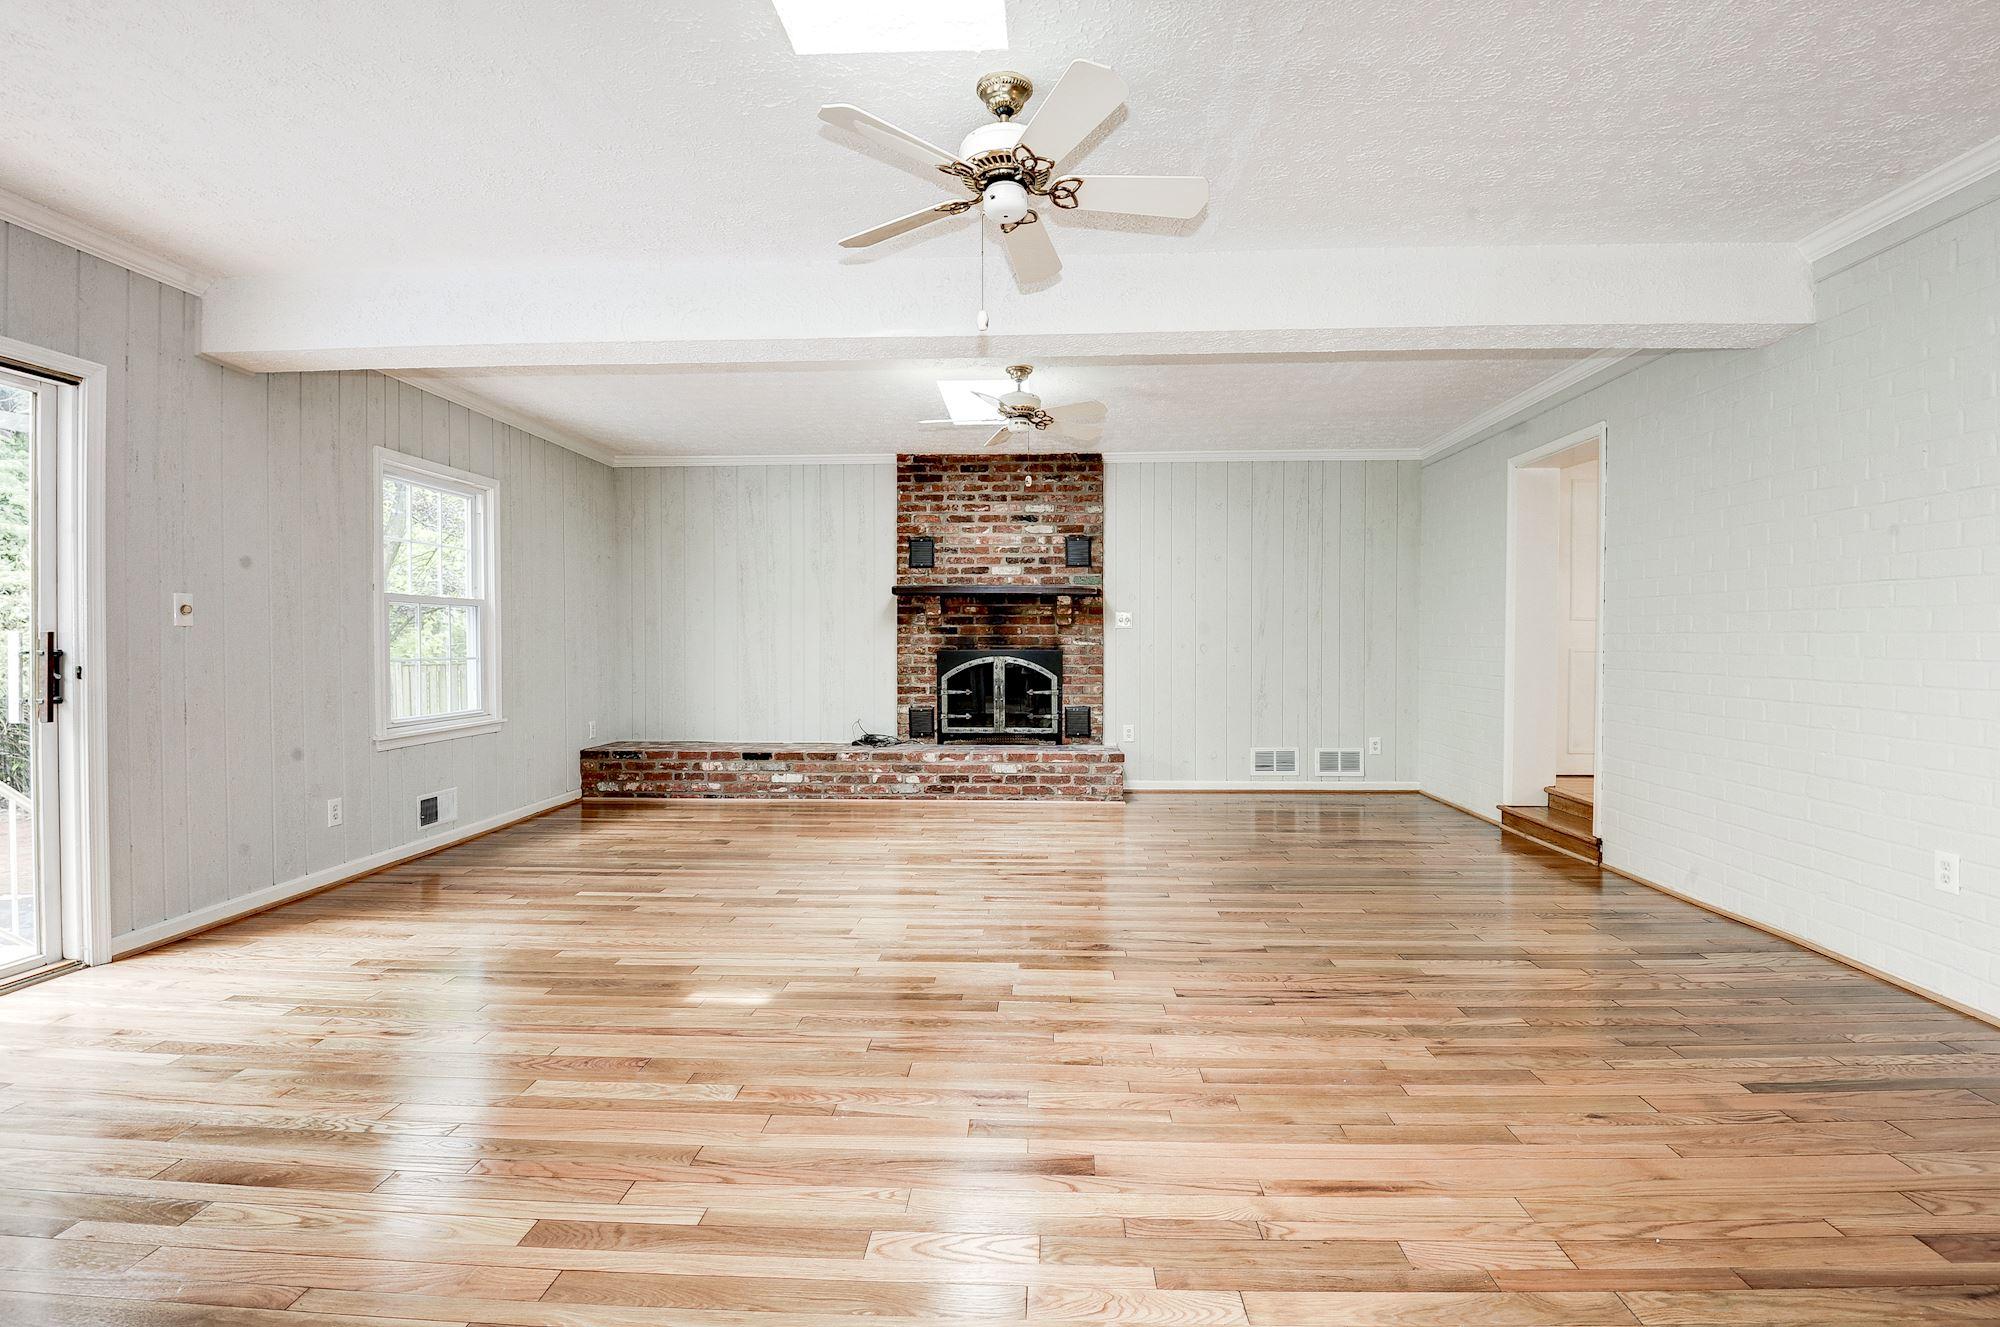 Open House 6639 Osborn St Falls Church Va 1 4 June 25 Pool Arlington Virginia Real Estate